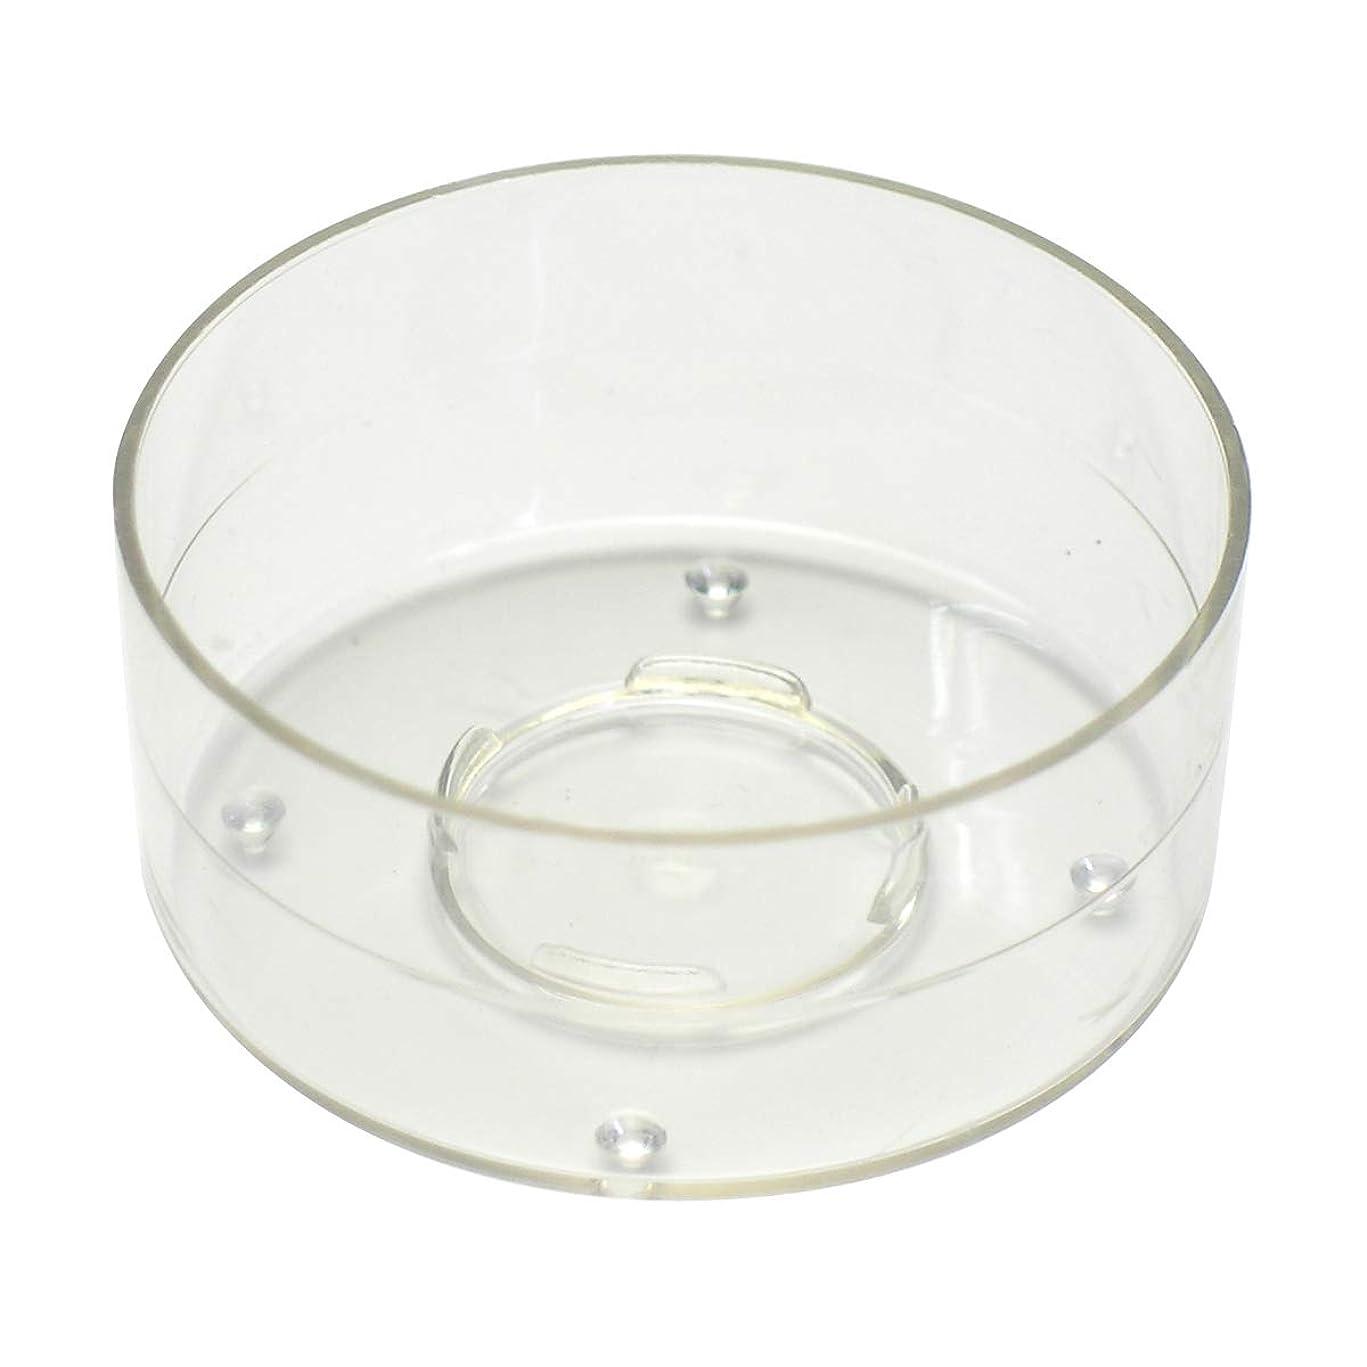 発見美しい自発的ティーライトキャンドル用 クリアカップ 直径39mm×高さ18mm 20個入り 材料 手作り